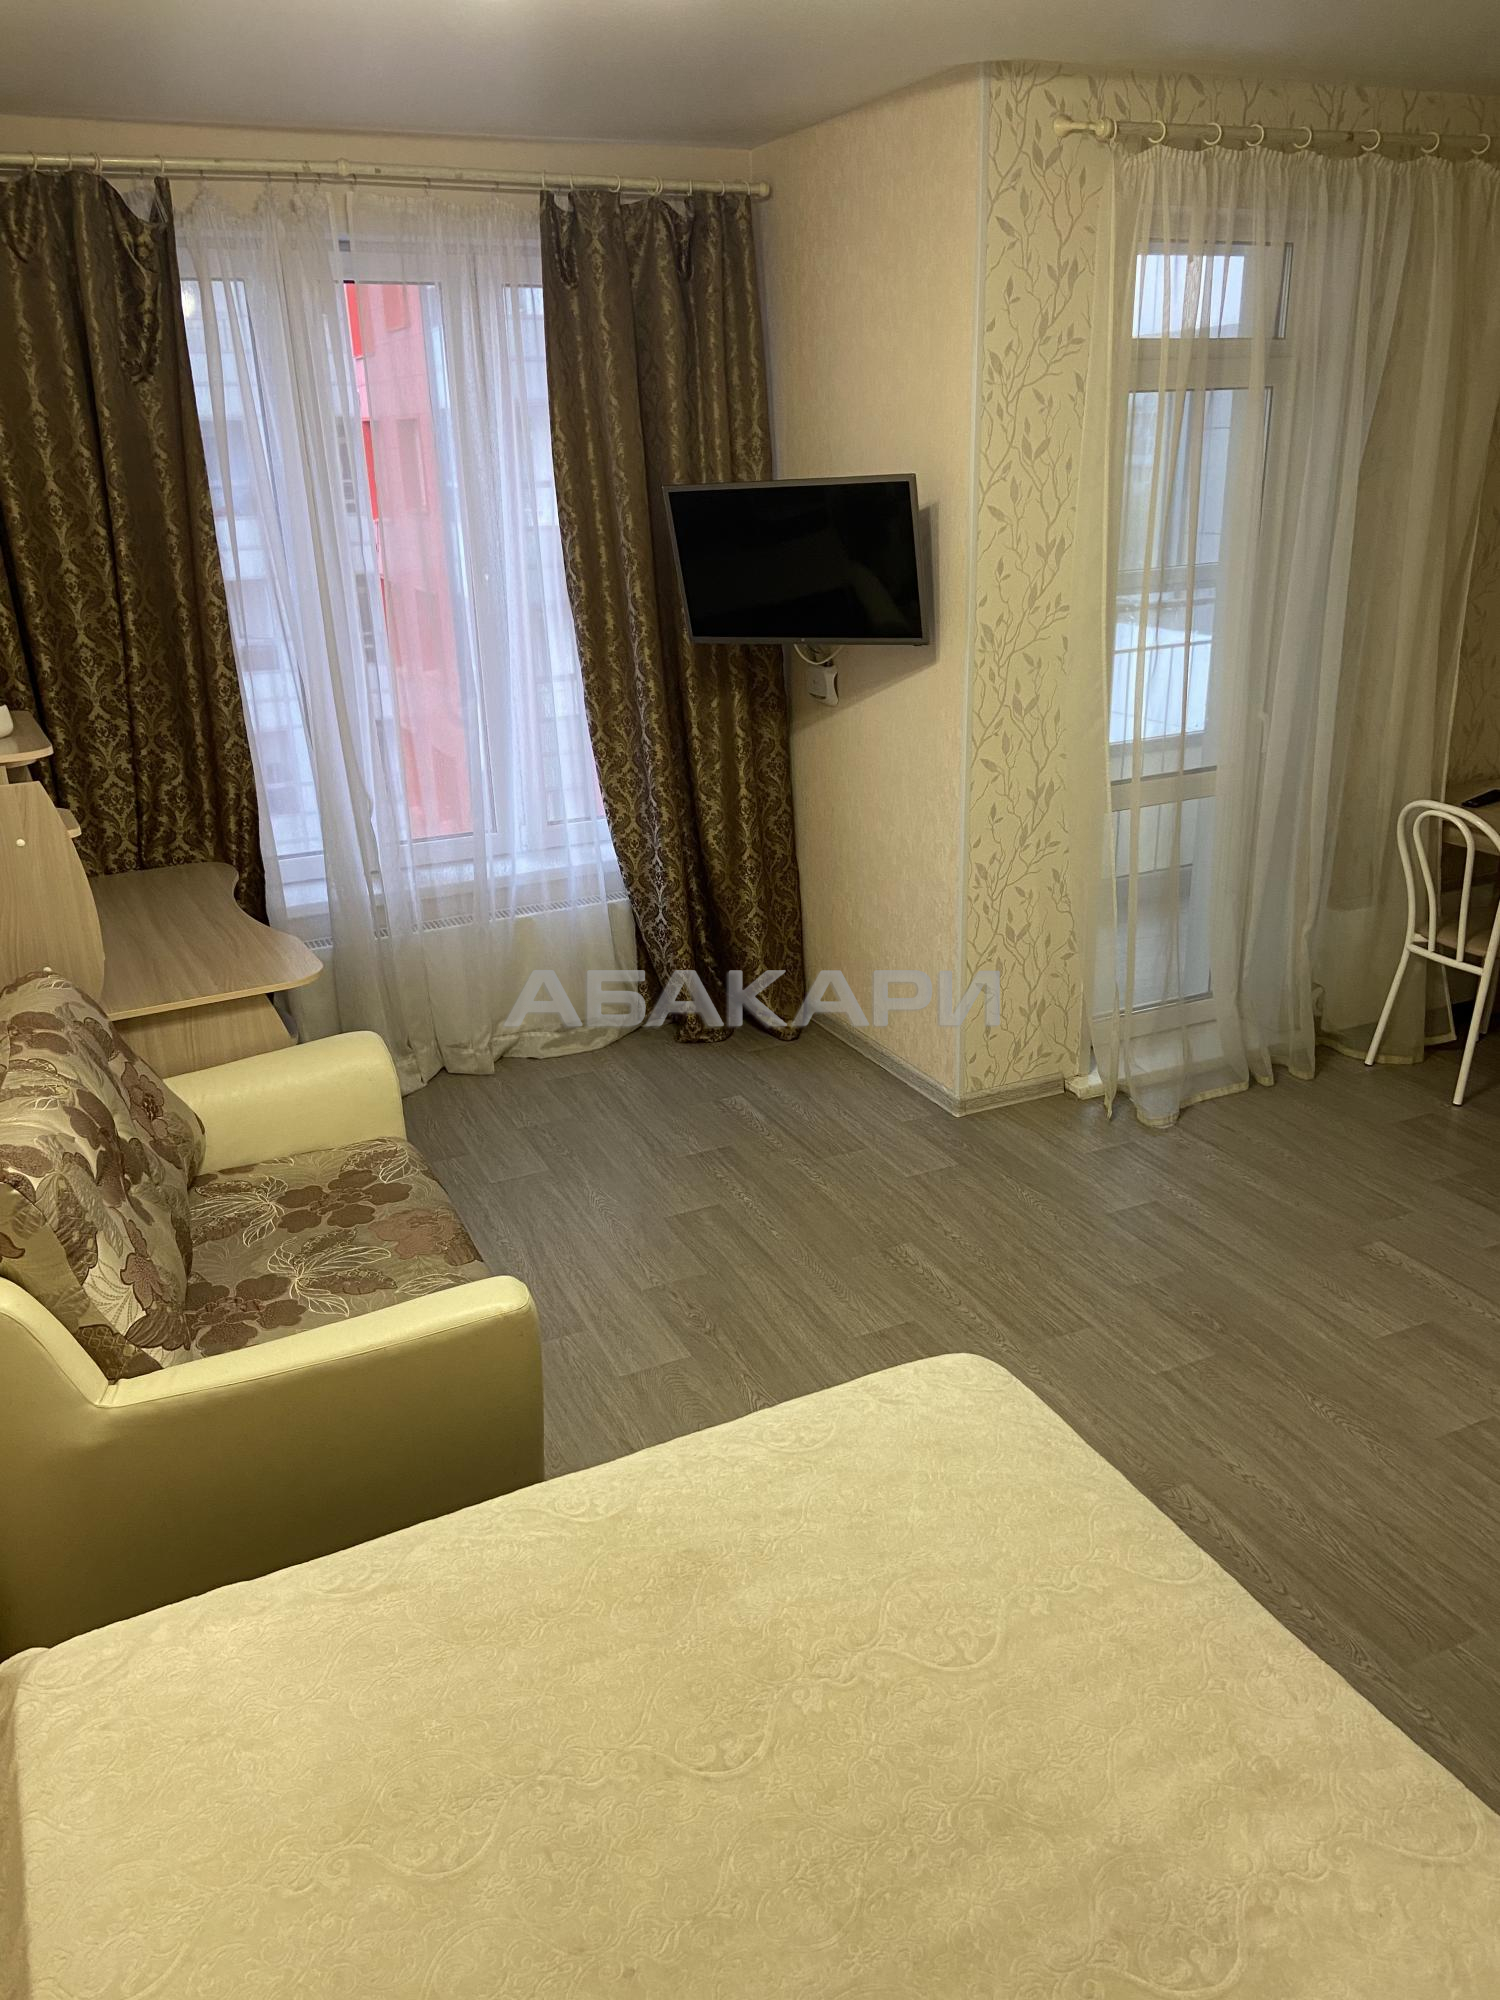 1к квартира улица Алексеева, 46 6/24 - 40кв | 24000 | аренда в Красноярске фото 1